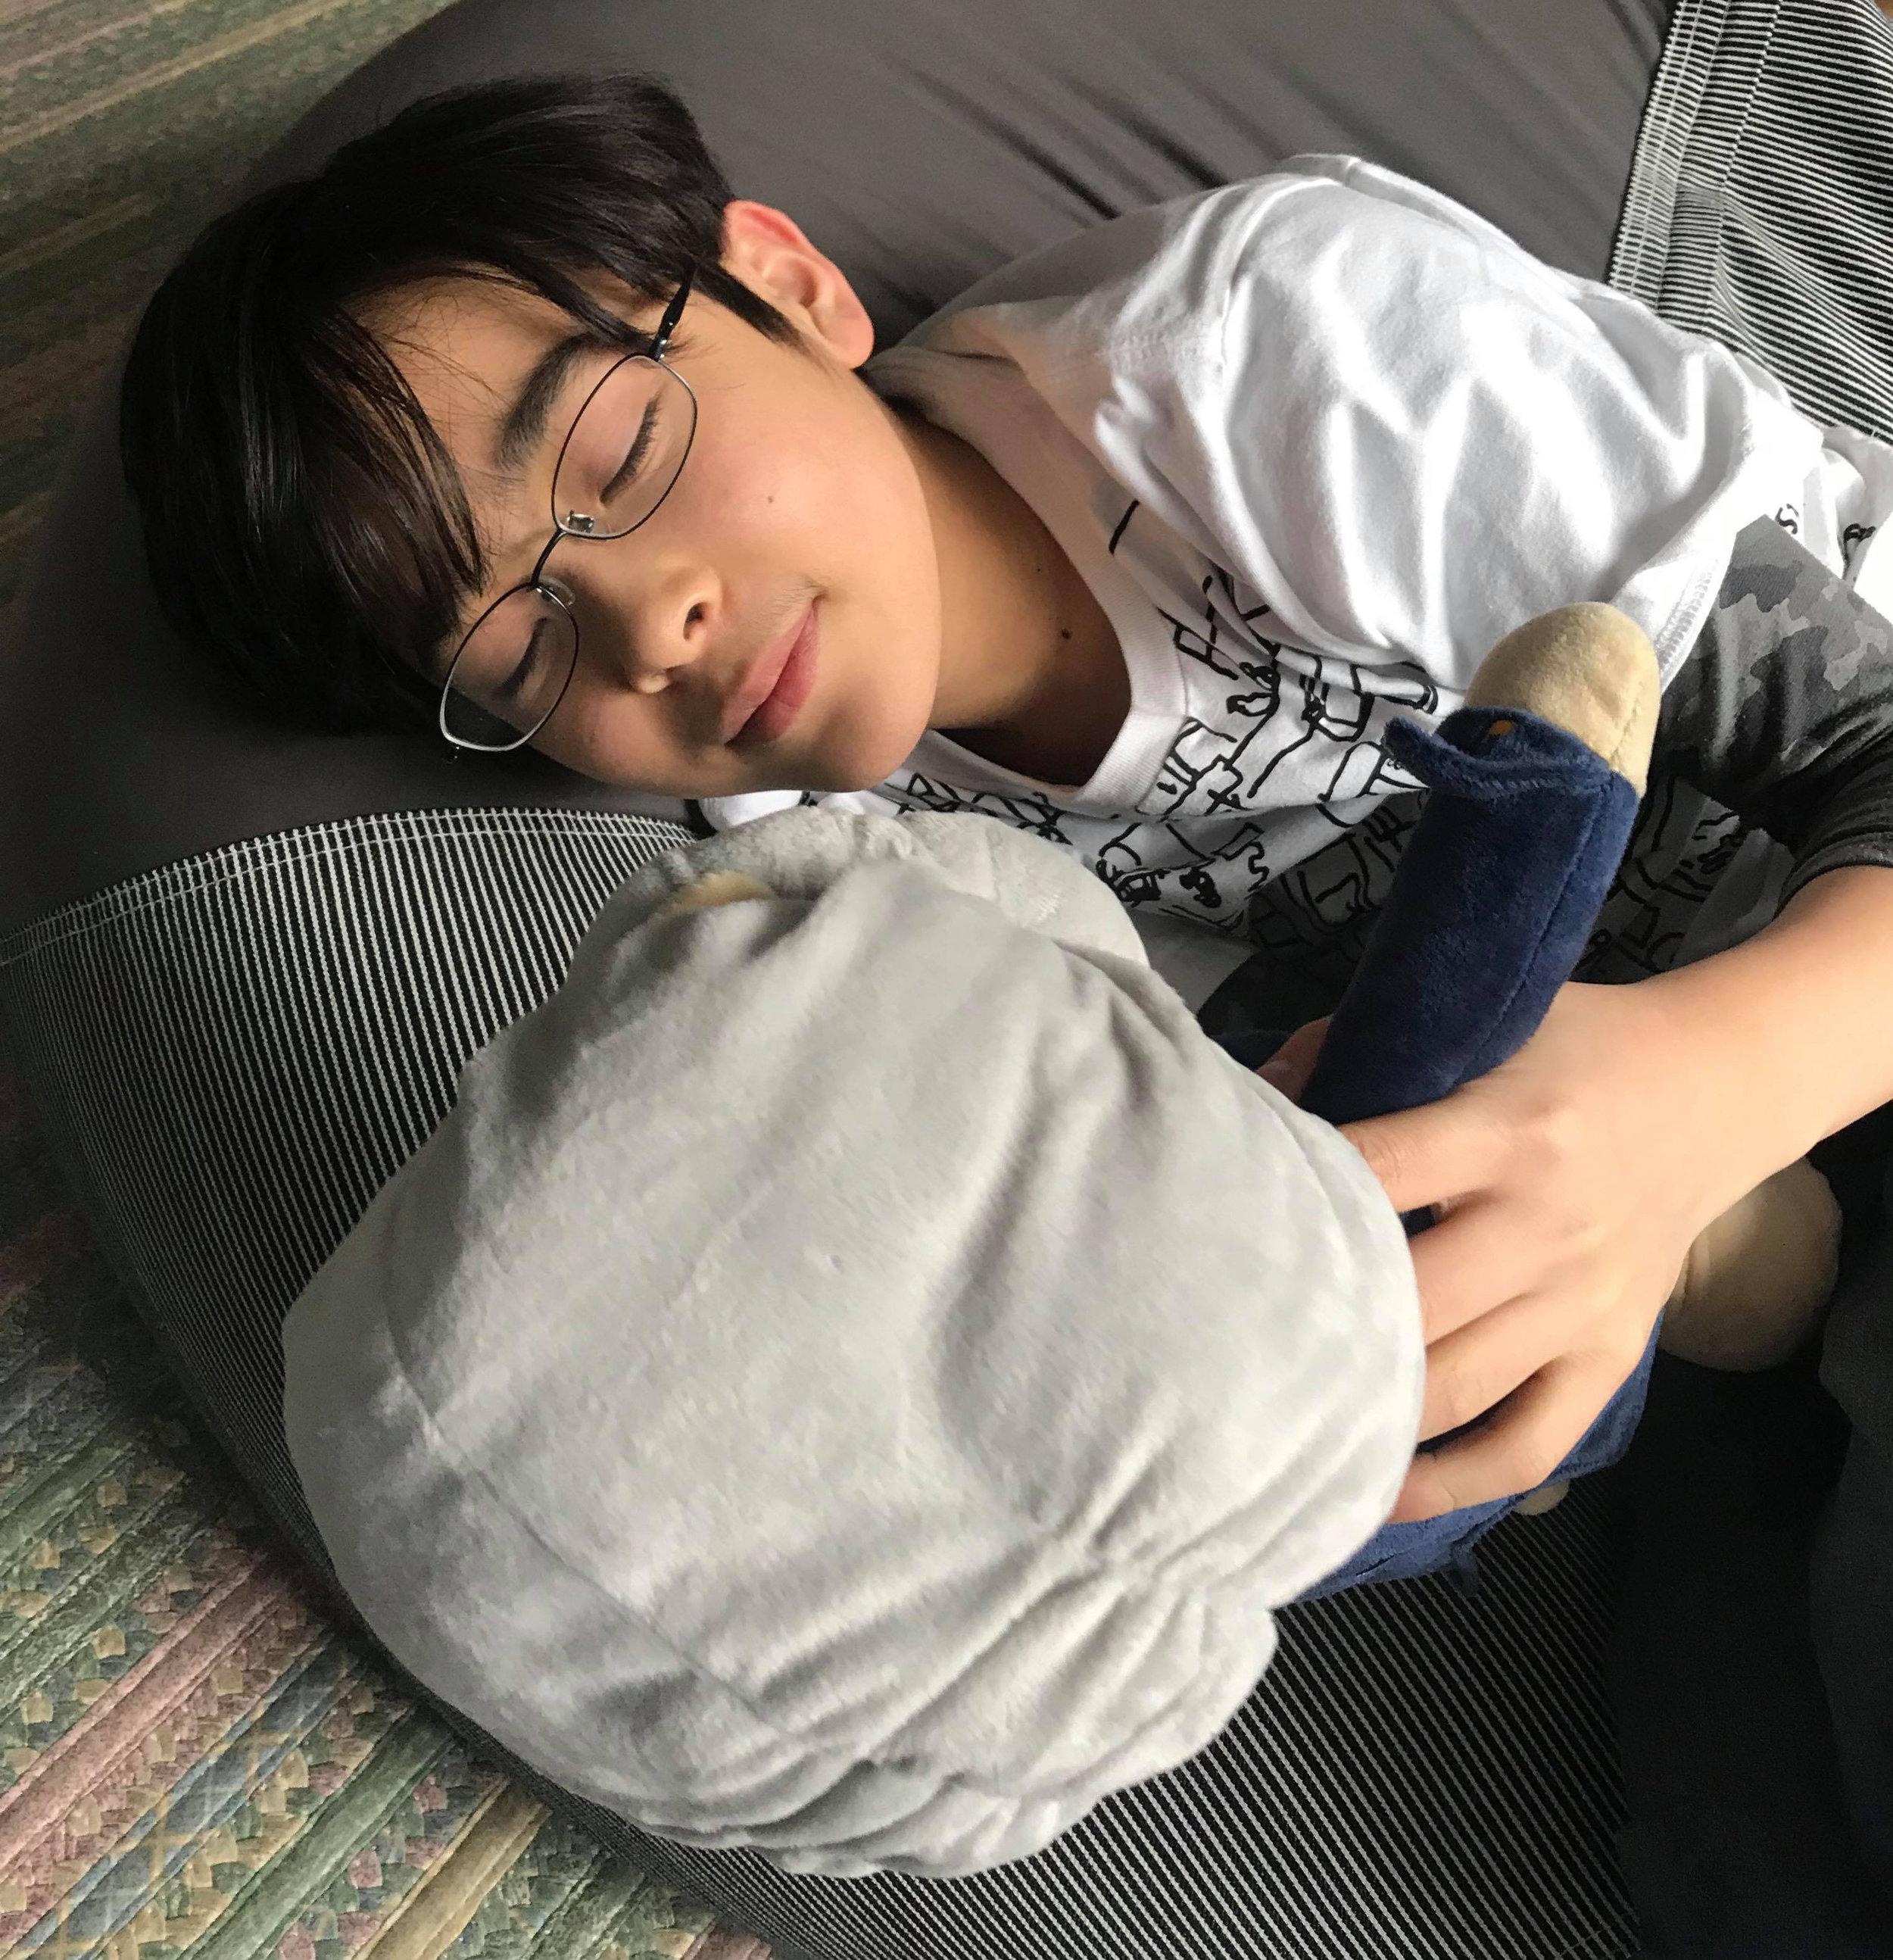 Taku, 12 years